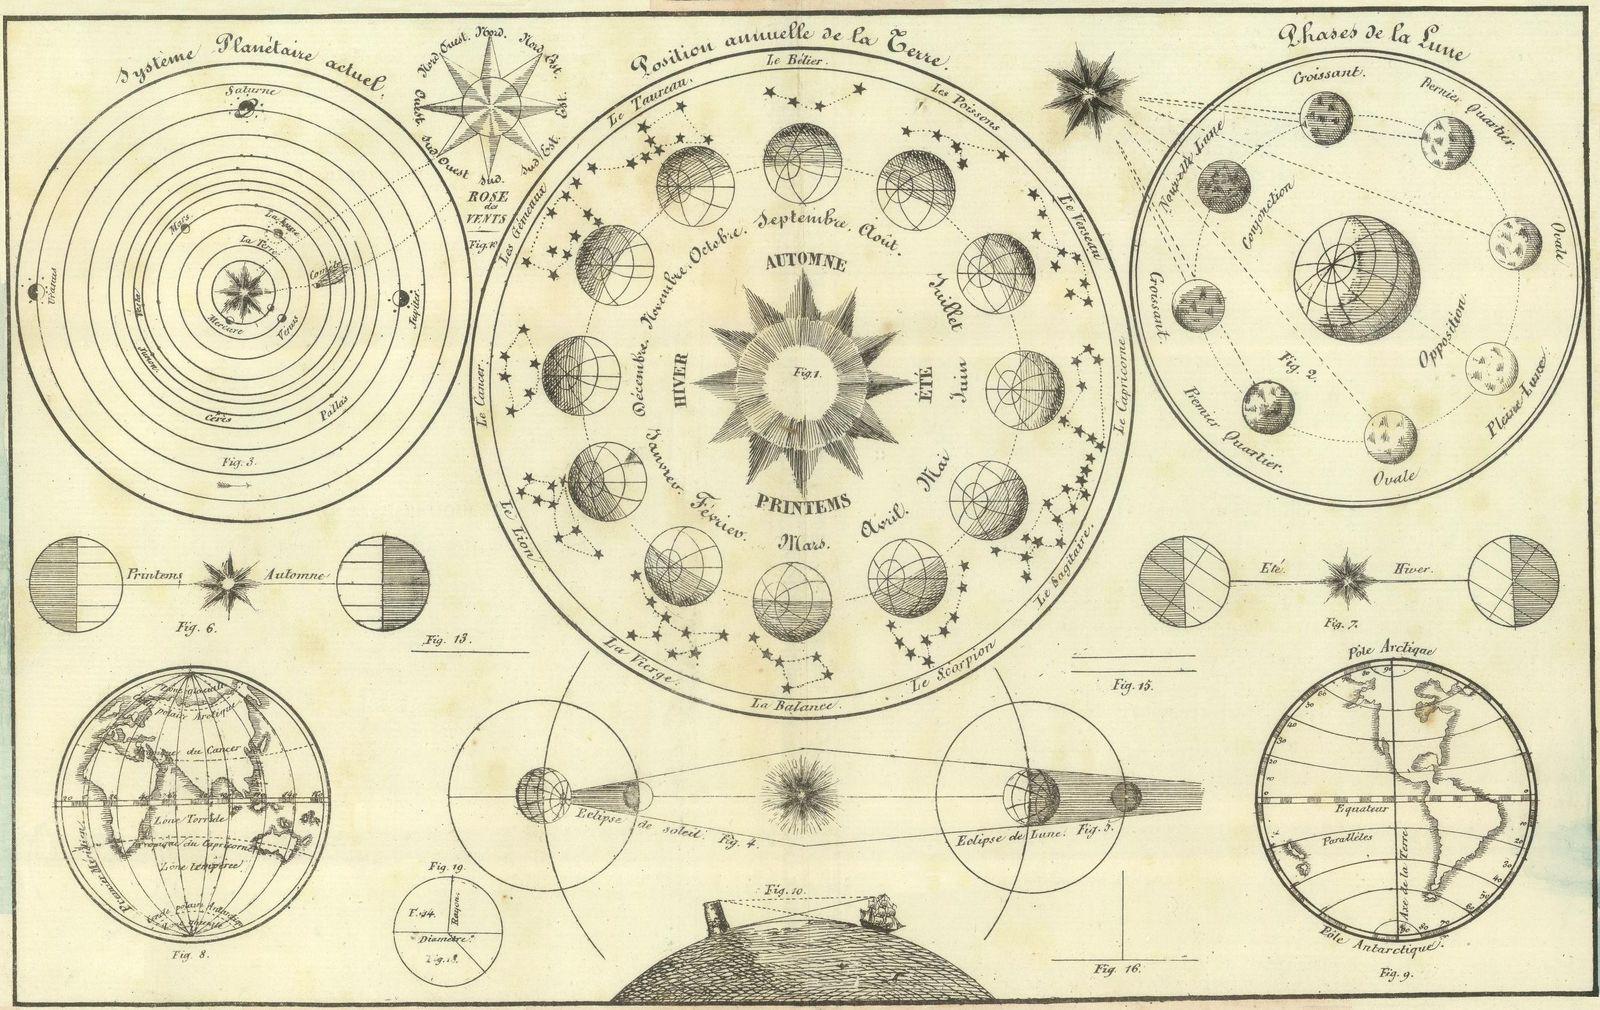 'Tableau d'Astronomie et de sphère' by Henri Duval, 1834 (detail)